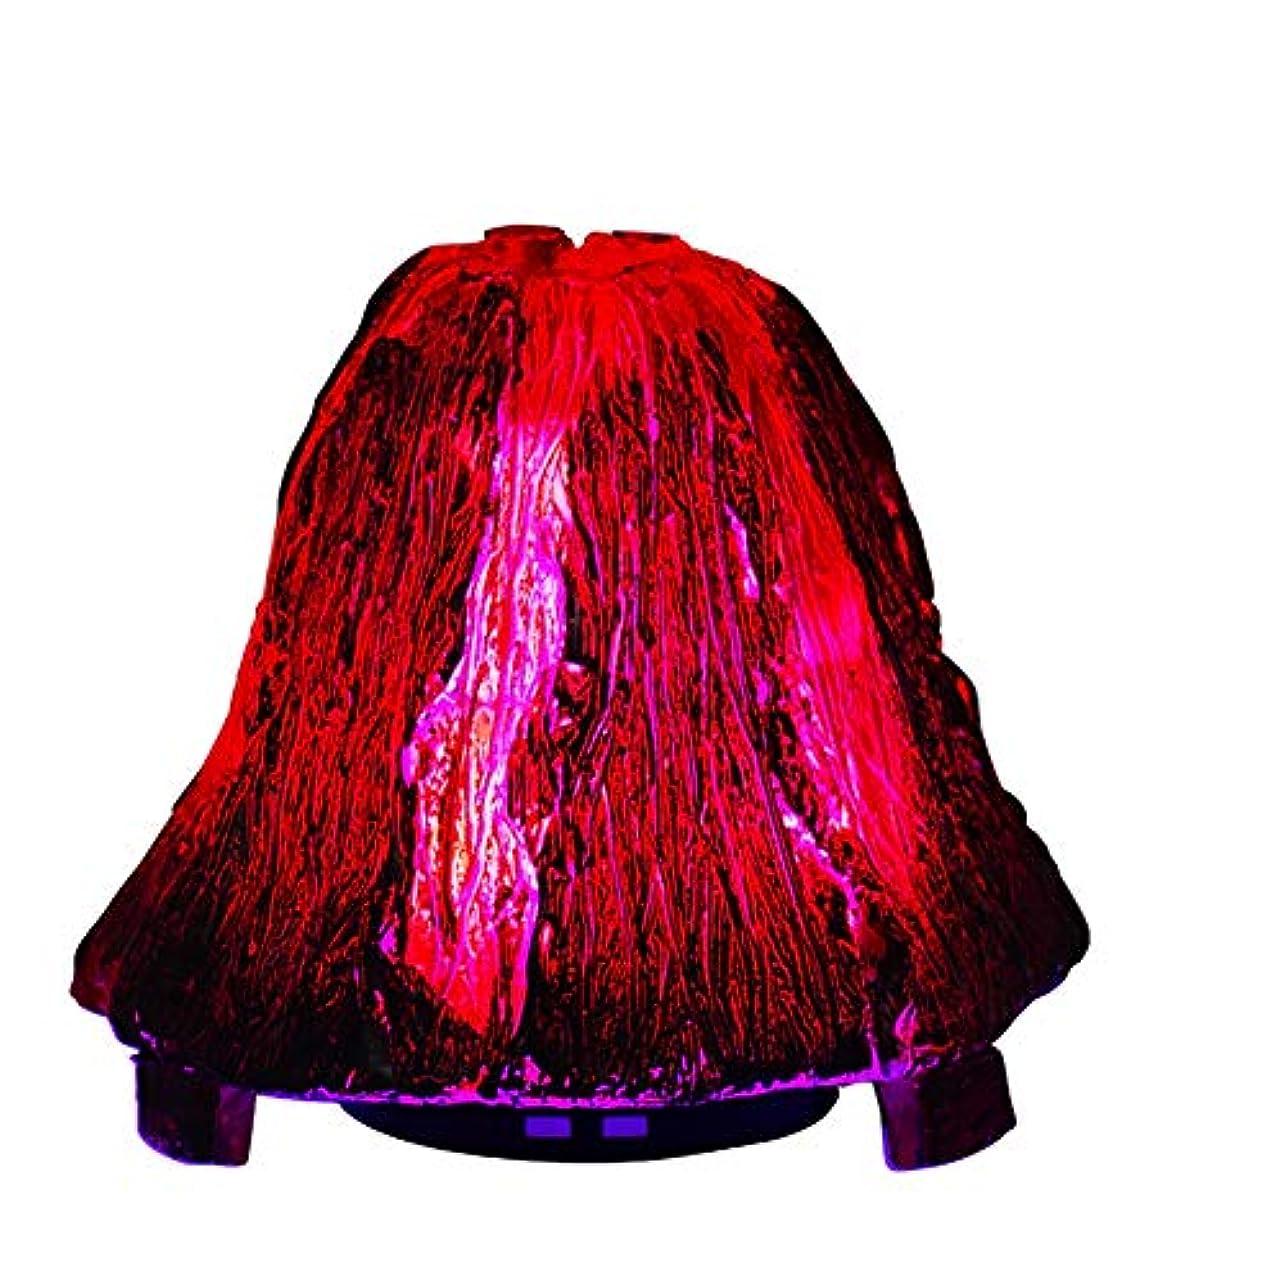 立場ディーラー進捗オリジナリティ火山のエッセンシャルオイルディフューザー、120mlアロマセラピー超音波クールミスト加湿器、7色LEDライト付きウォーターレスオートオフ